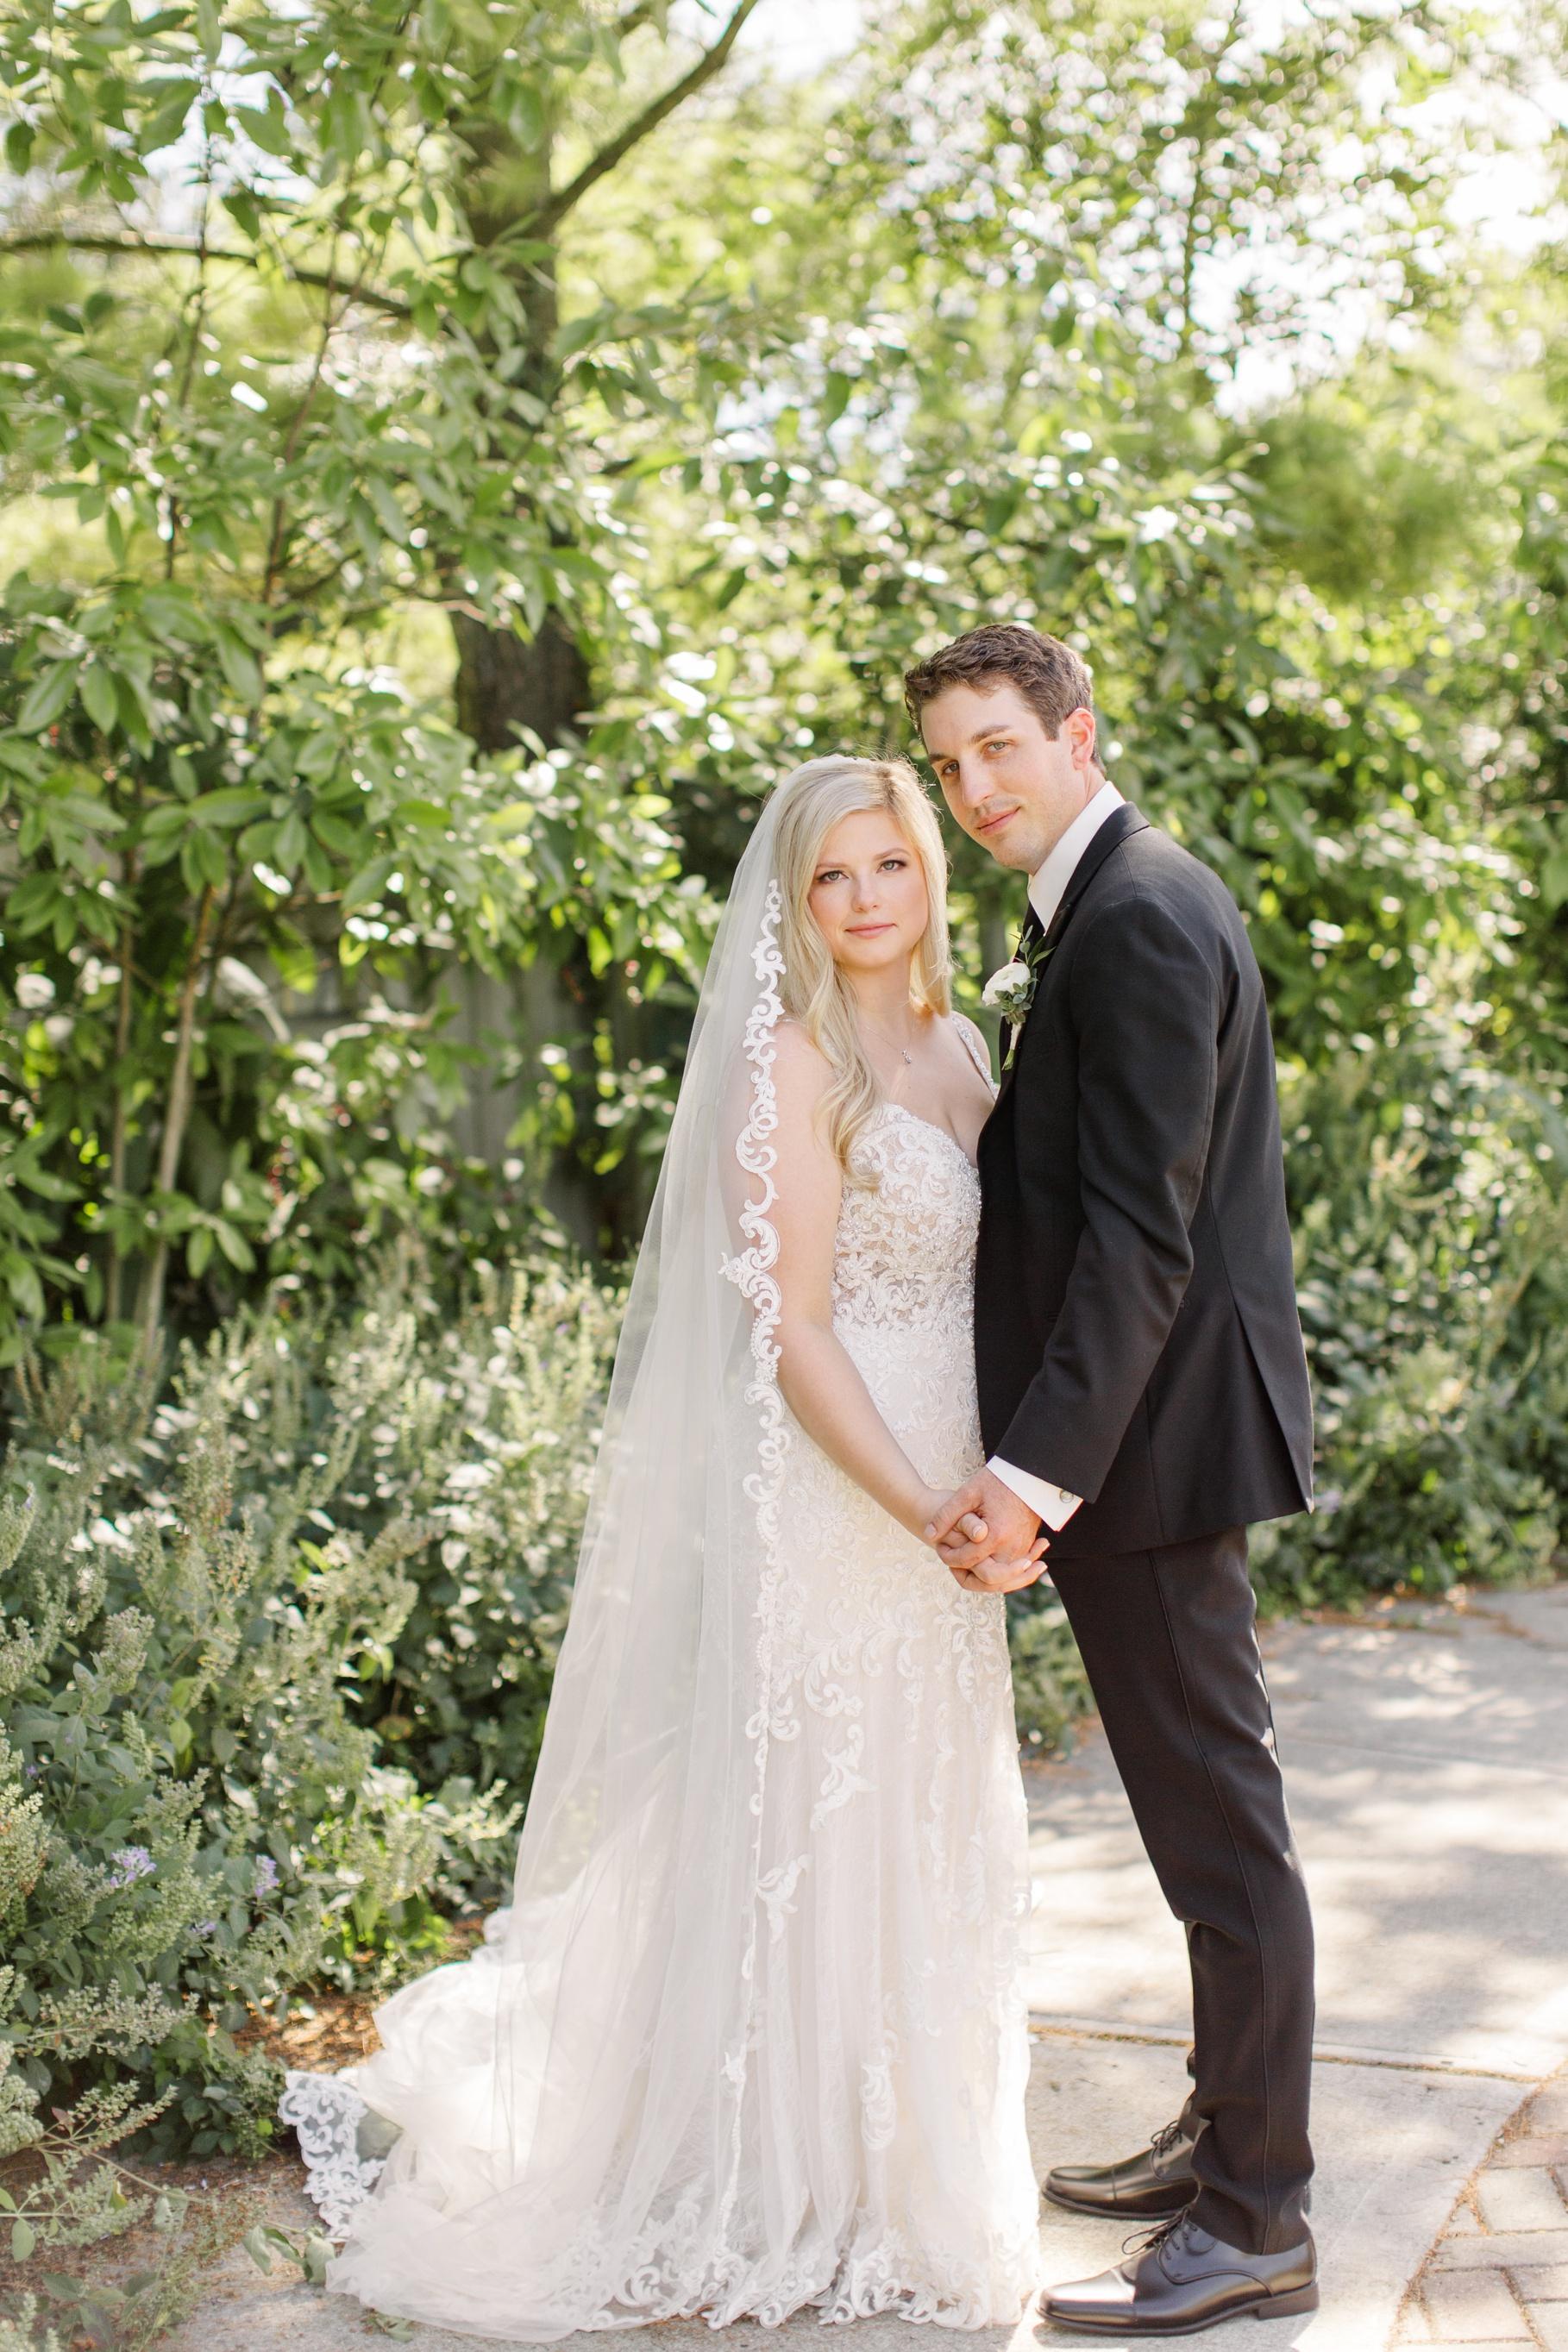 Indianapolis-wedding-venue-locaions